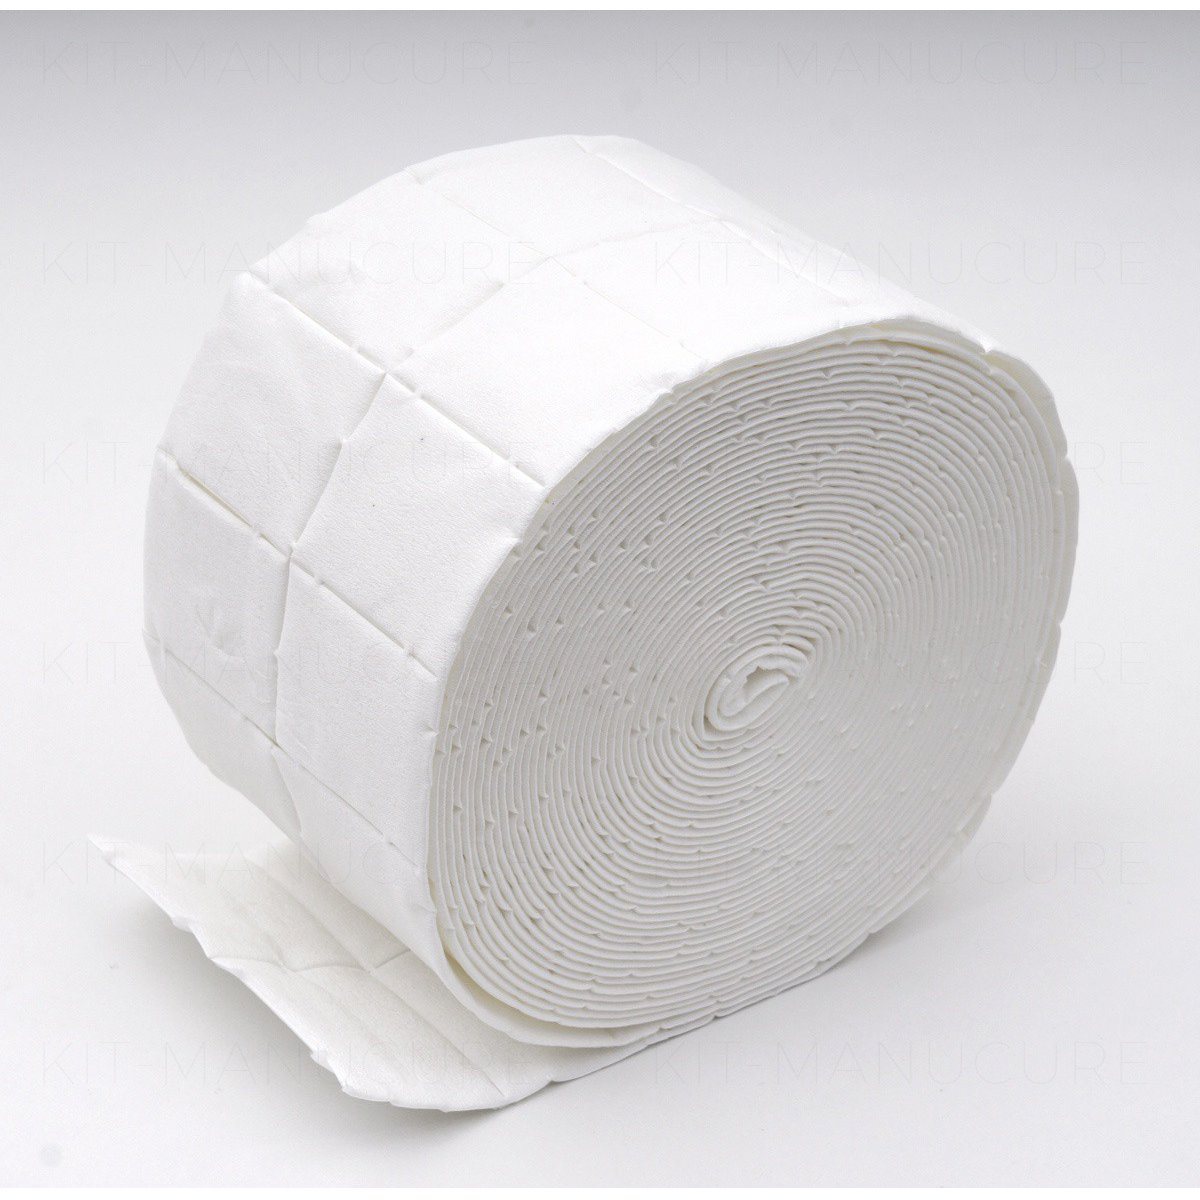 https://www.kit-manucure.com/176-thickbox_default/rouleau-de-500-cotons-en-ouate-de-cellulose.jpg